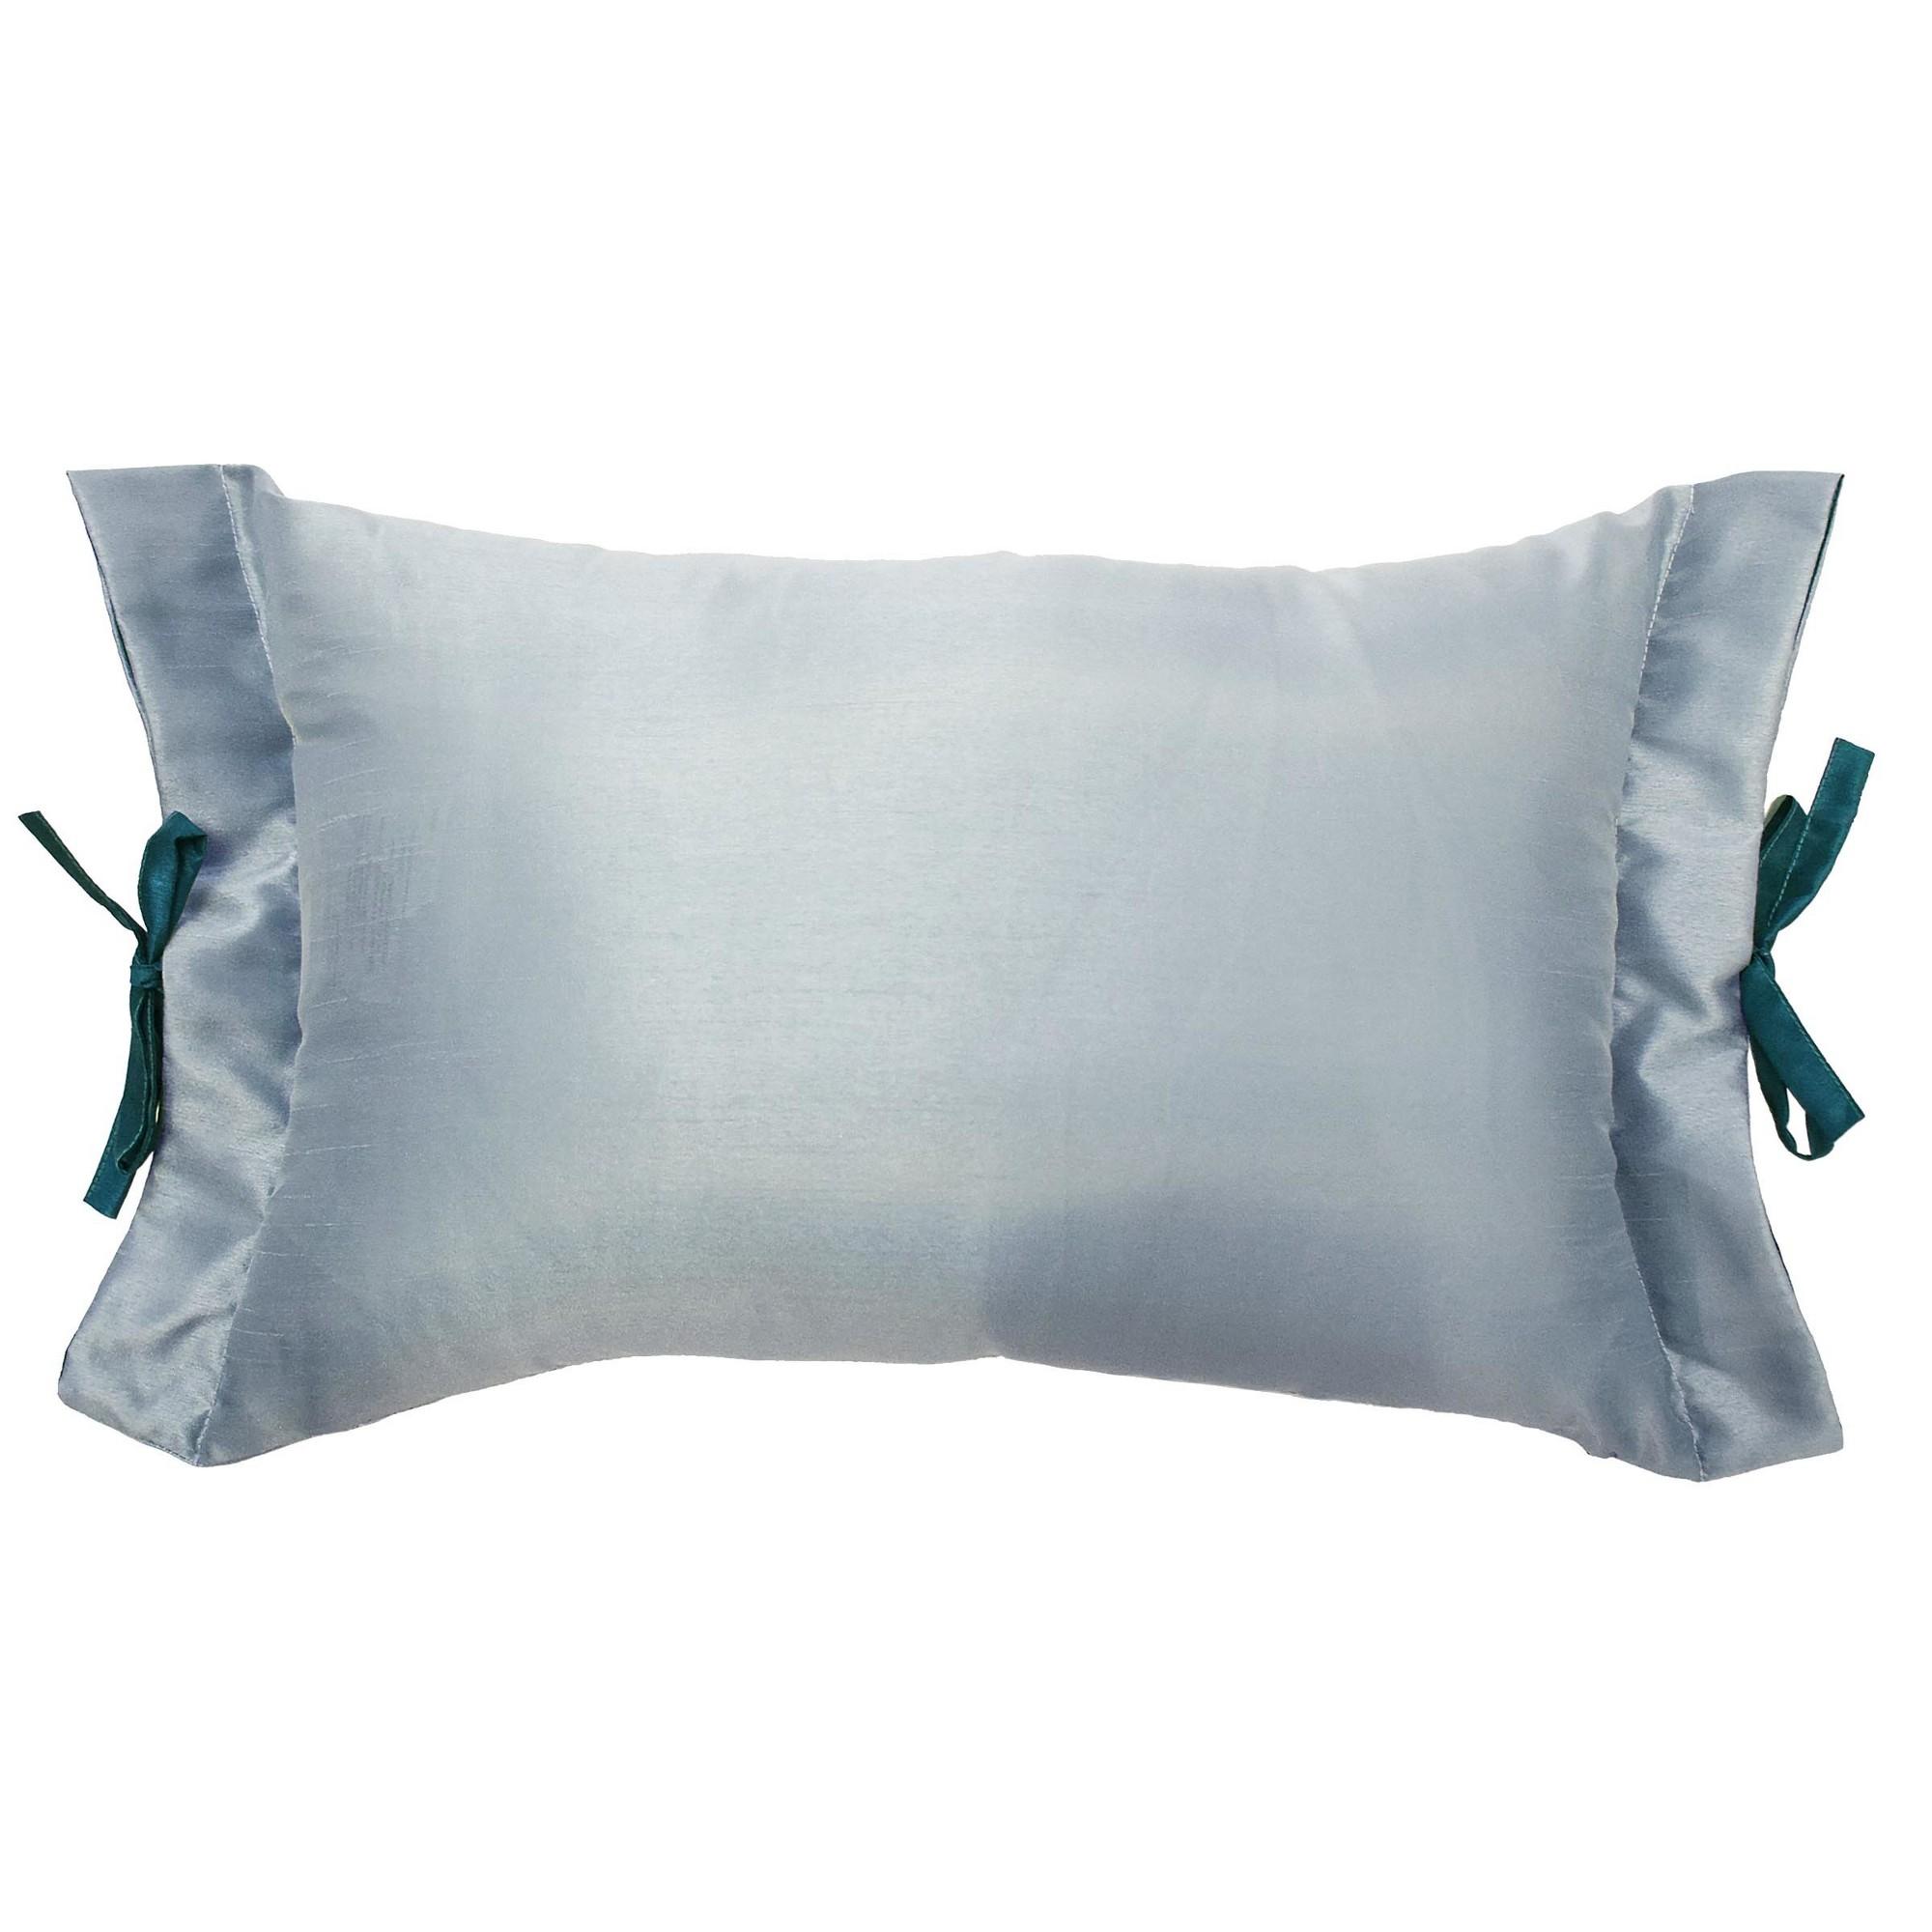 Teal Alexina Faux Silk Lumbar Pillow Beautyrest Pillows Decorative Pillows White Decorative Pillows